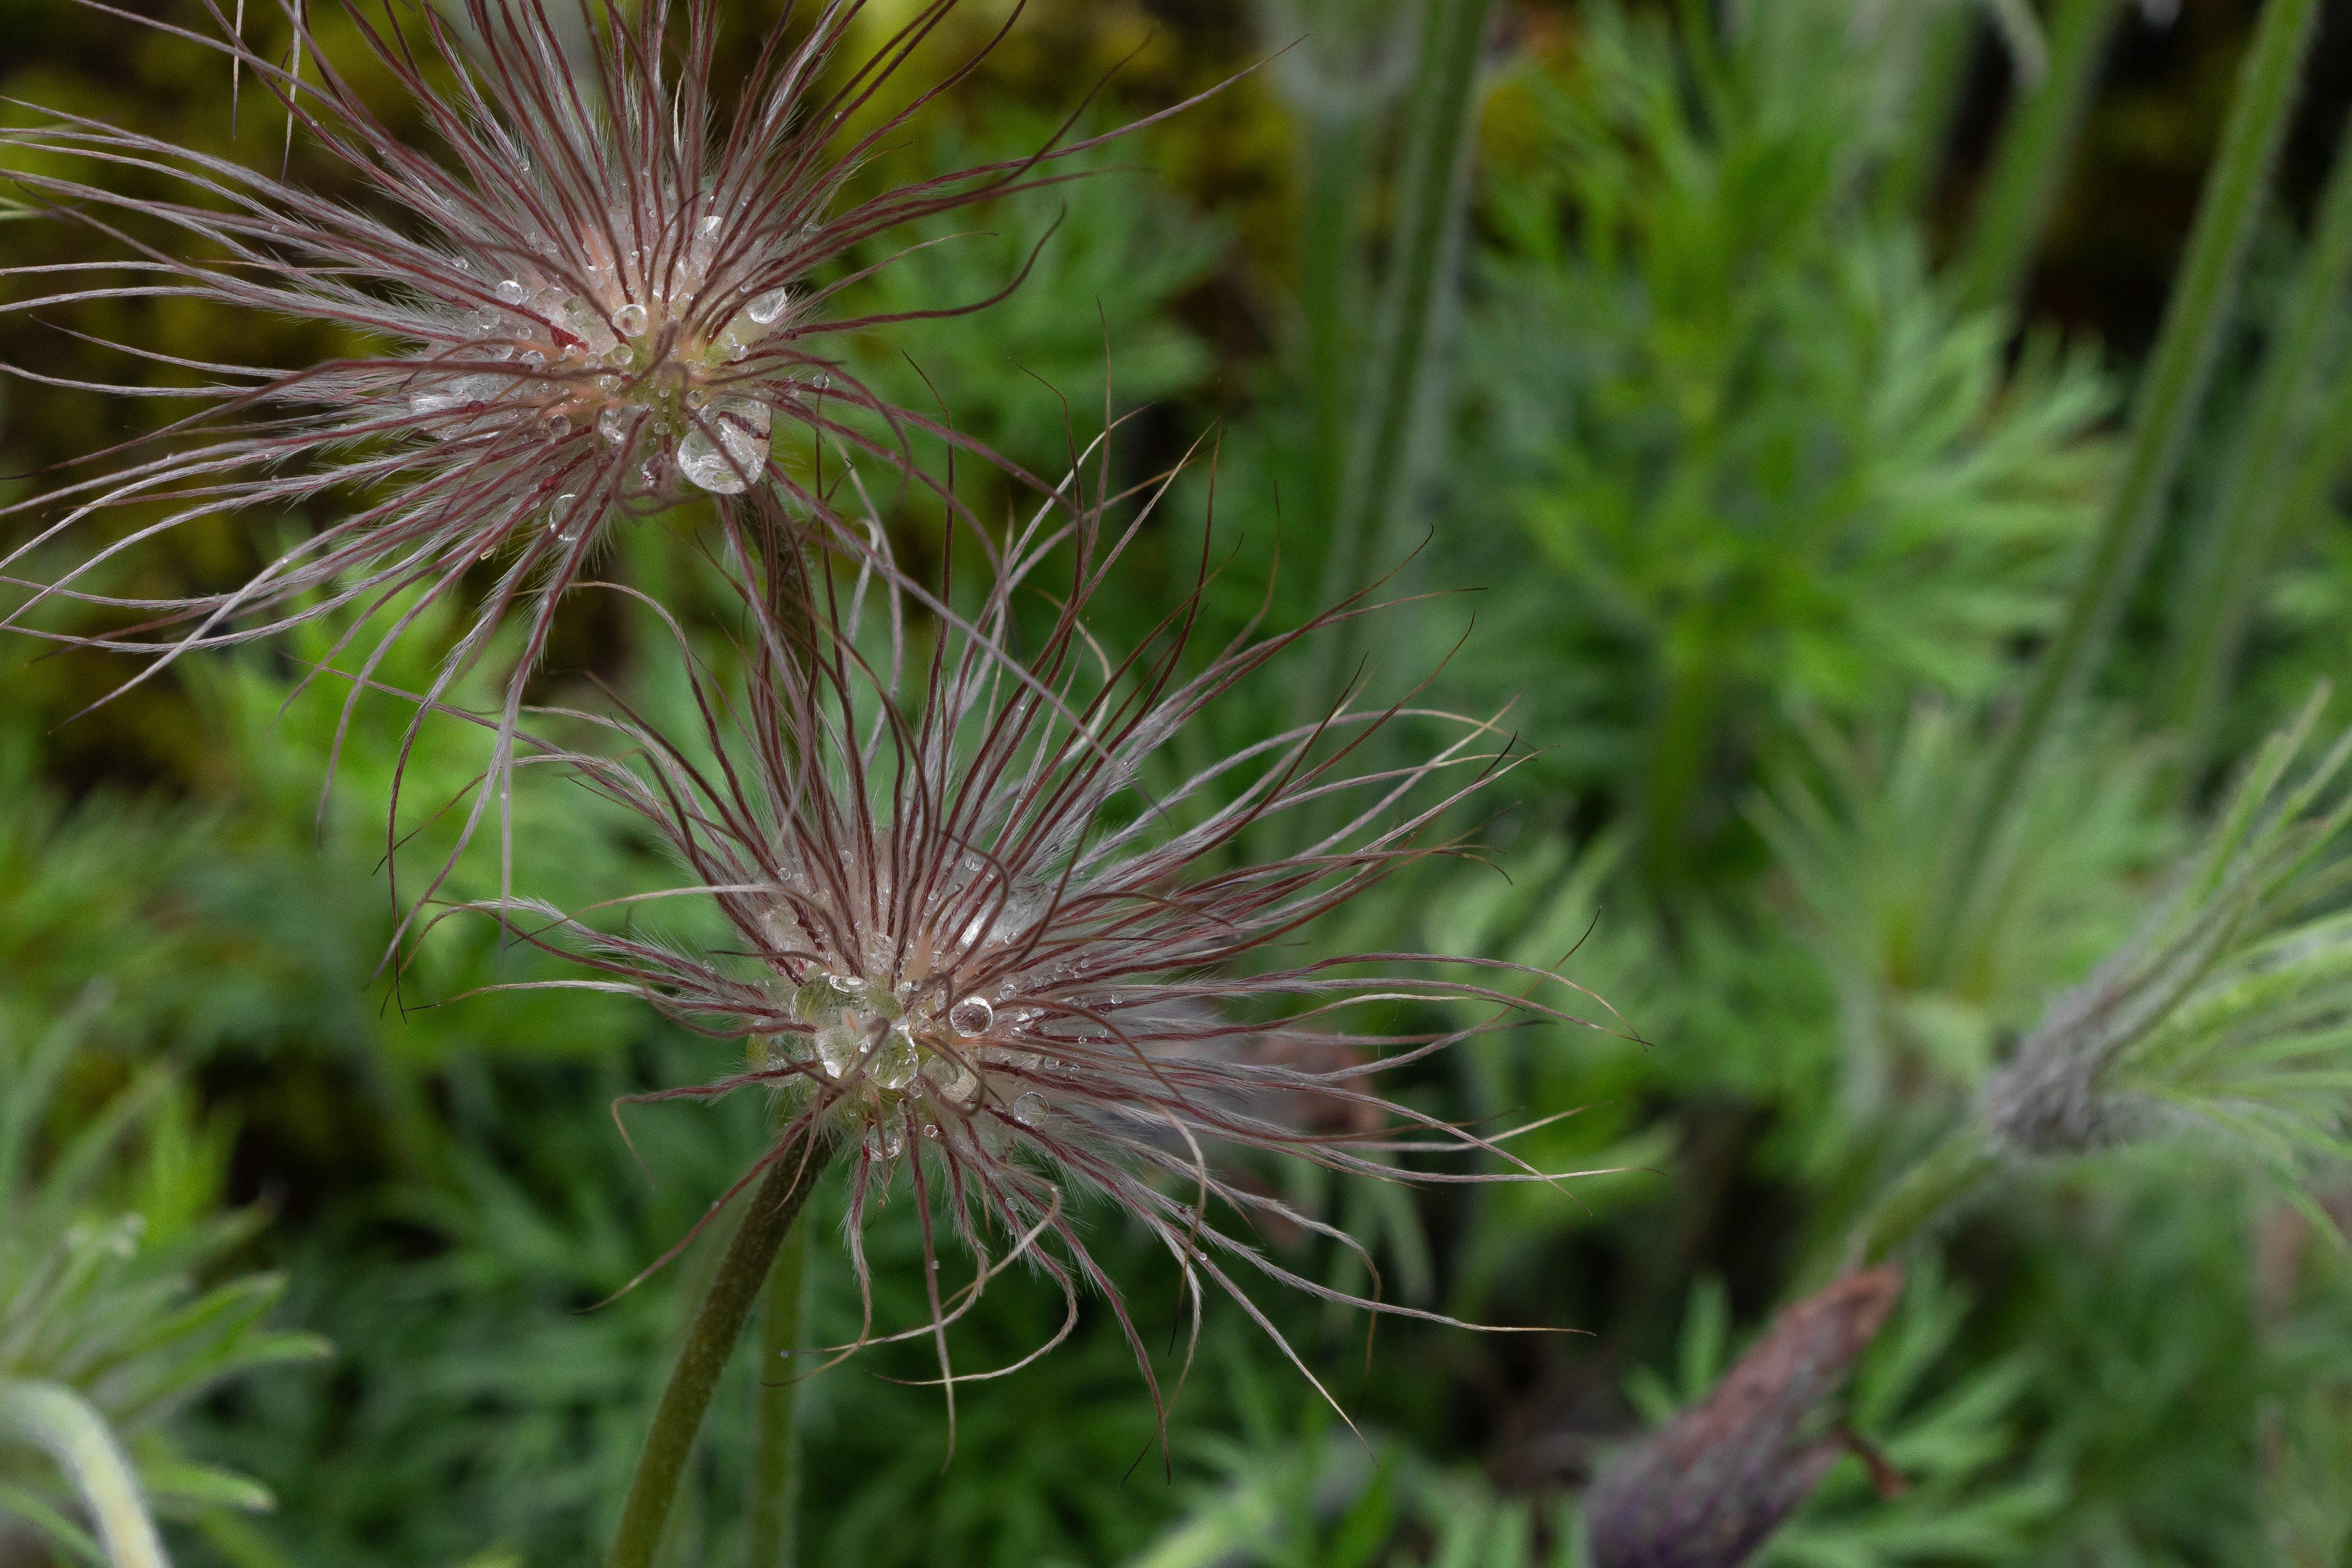 Fotos de stock gratuitas de azafrán de la pradera, belleza de la naturaleza, belleza en la naturaleza, botánico